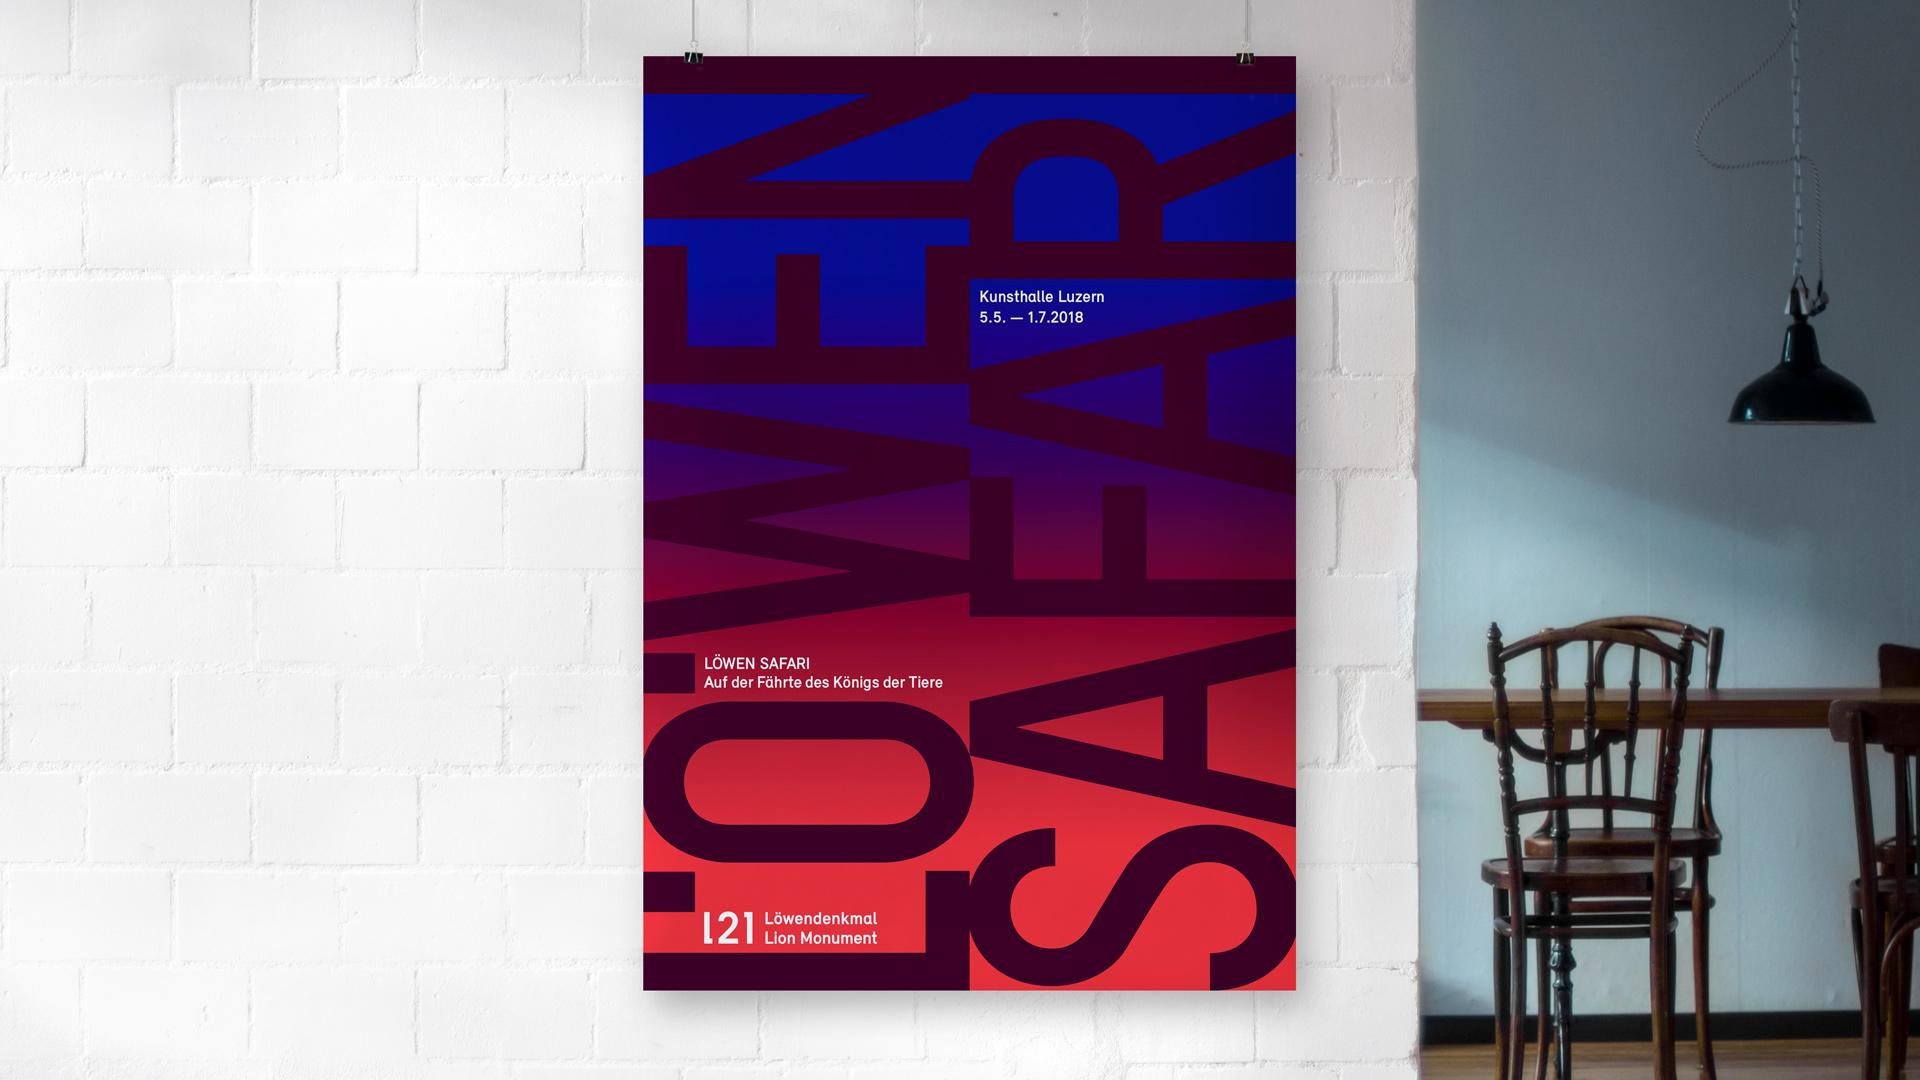 l'équipe [visuelle] – Die Kunsthalle Luzern nimmt das 200-Jahr-Jubiläum des Luzerner Löwendenkmals in ihrer unmittelbaren Nachbarschaft zum Anlass, das weltberühmte Denkmal in einem Mehrjahresprojekt mit künstlerischen Mitteln sowie transdisziplinär zu ergründen. Unsere Leistung: Erstellen des Corporate Design und Logos als Produktmarke der Kunsthalle Luzern. Gestaltung und Programmierung der Miniwebsite, . Gestaltung der Wordpress CMS Webseite und diverse Printprodukte wie Flyer, Sticker, Plakate, etc.